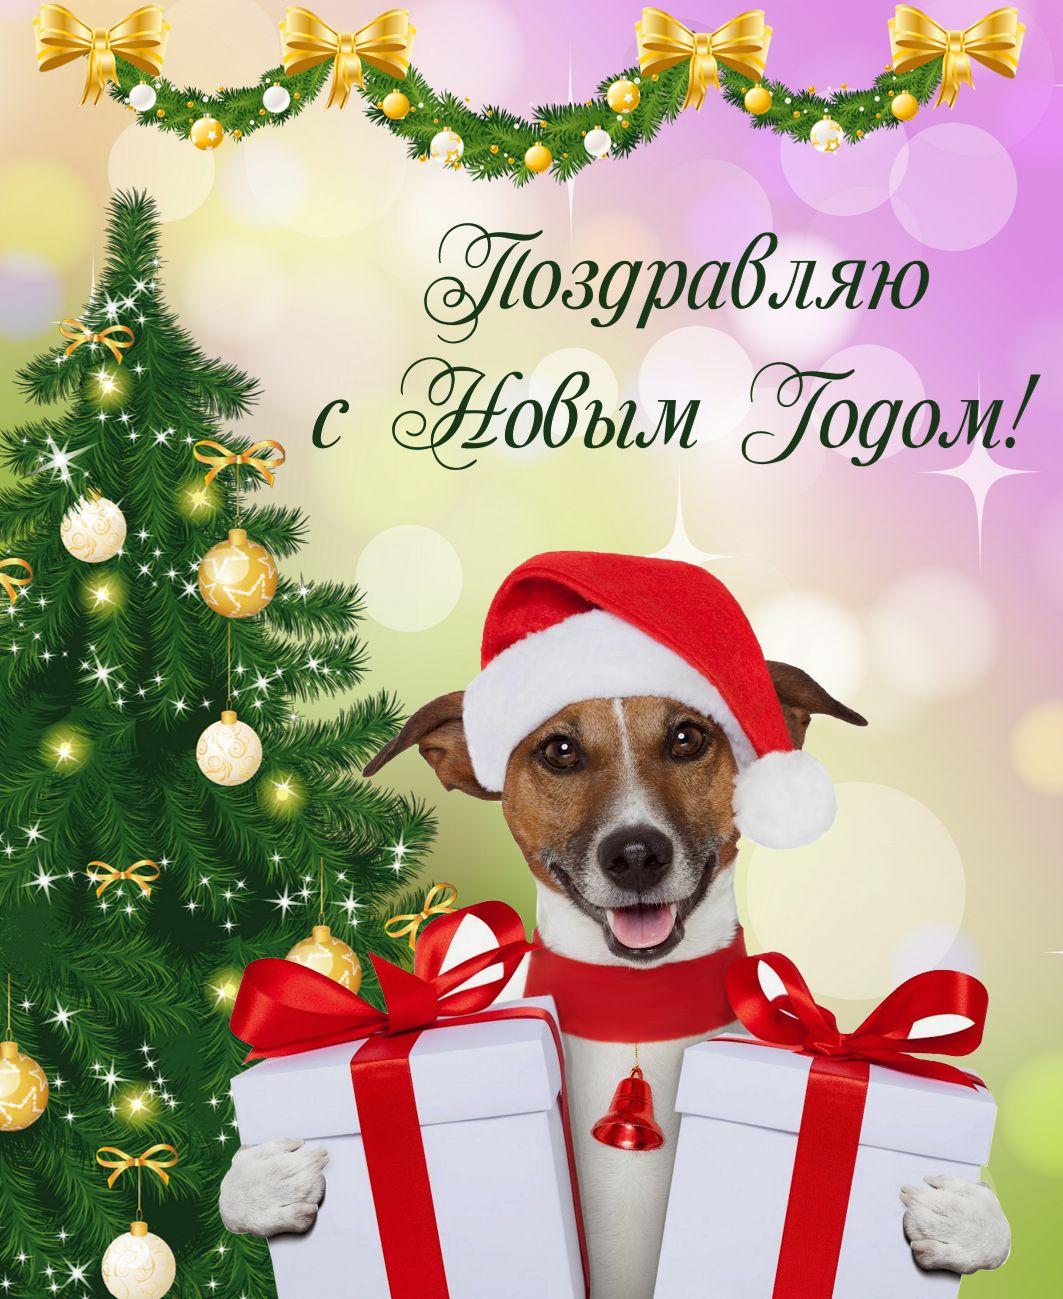 Открытка - собачка с подарками к Новому году